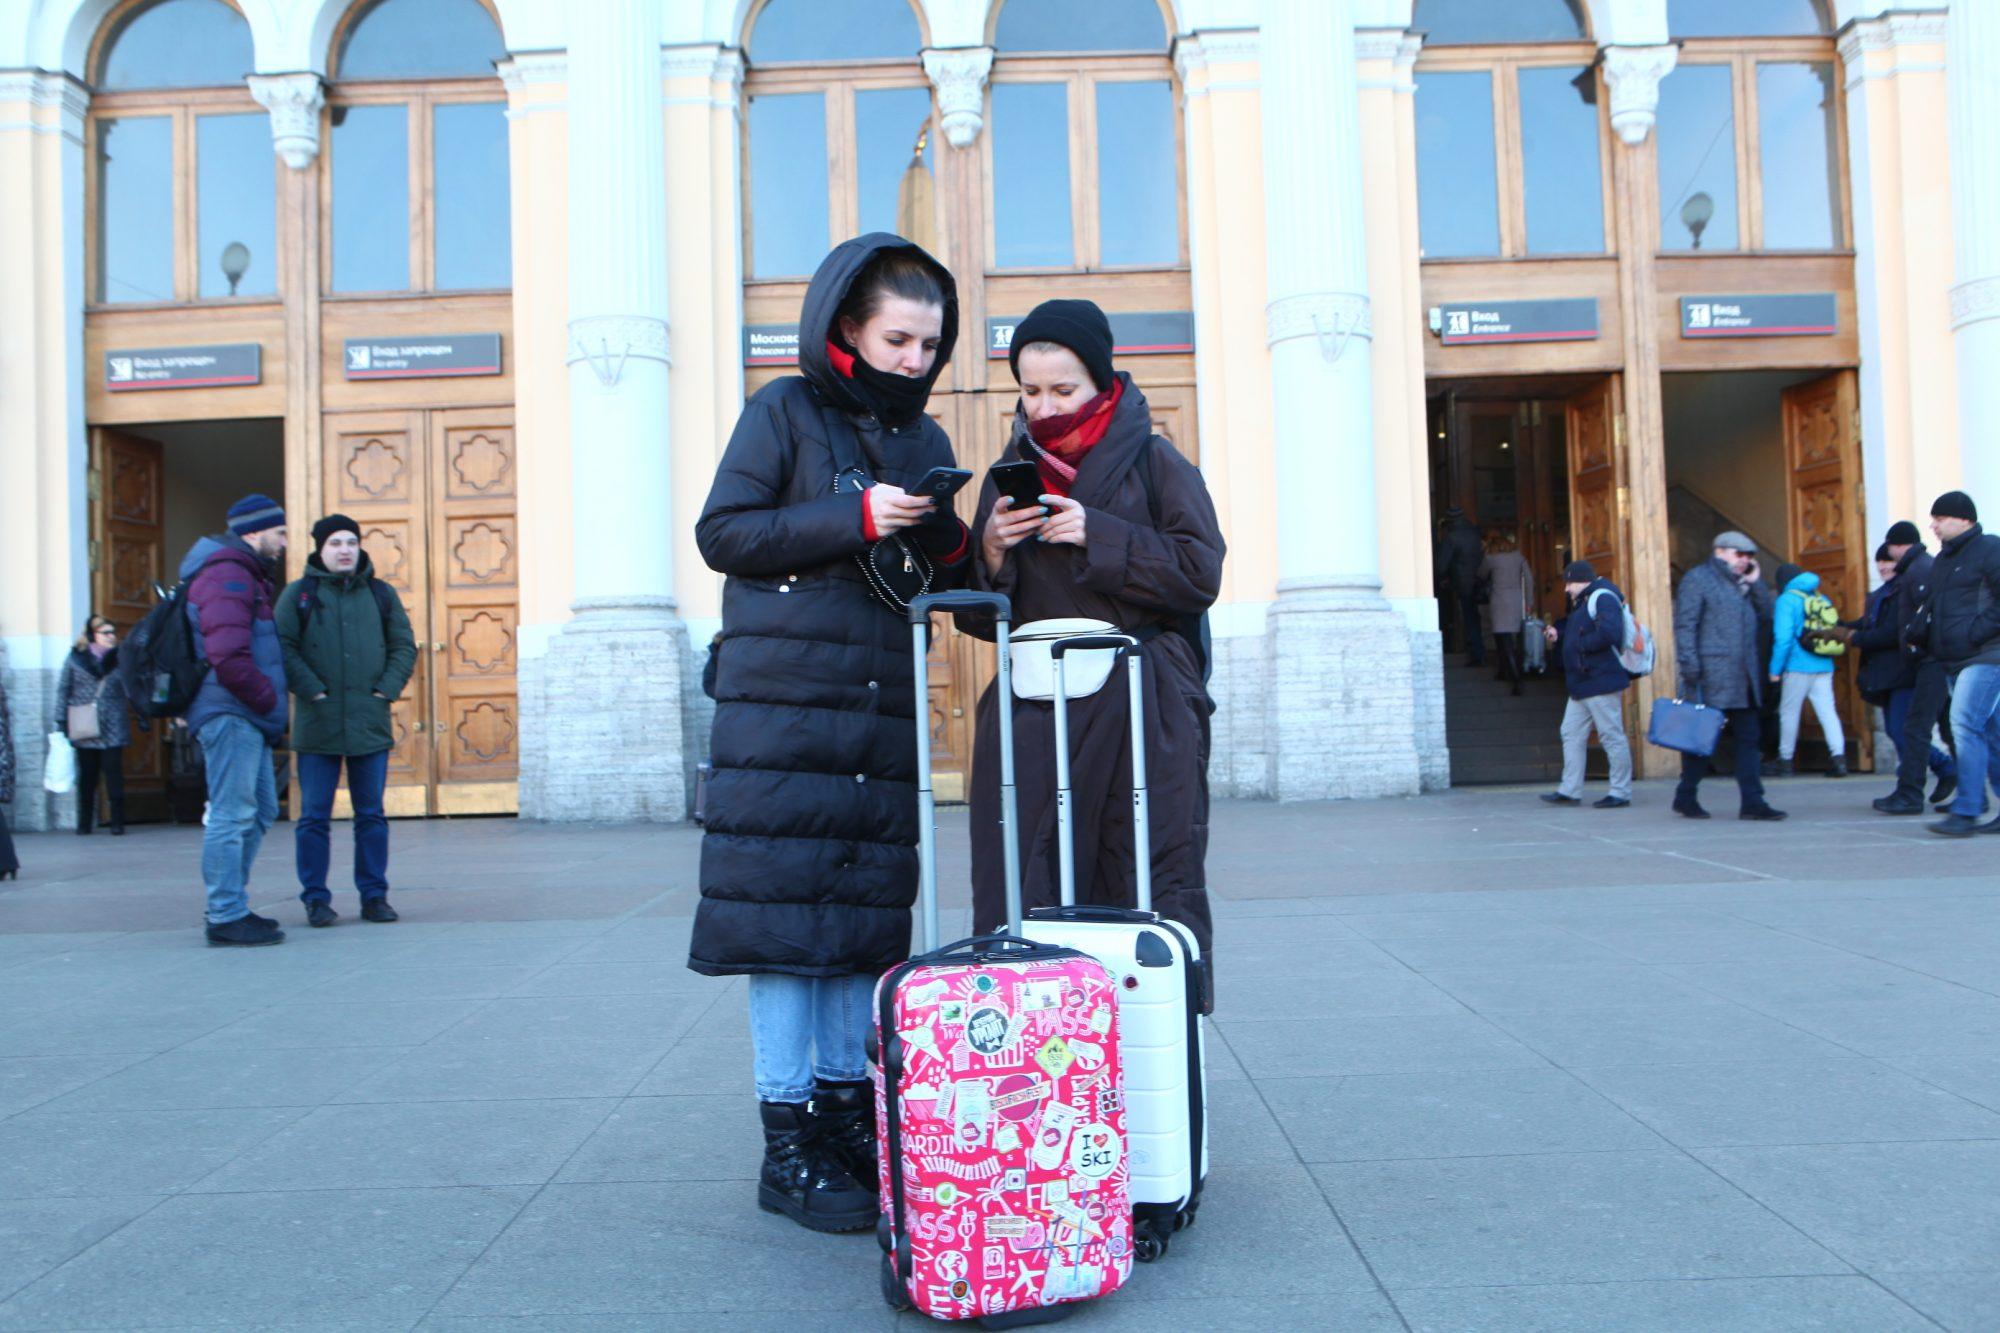 вокзал, туристы, чемодан, Московский вокзал